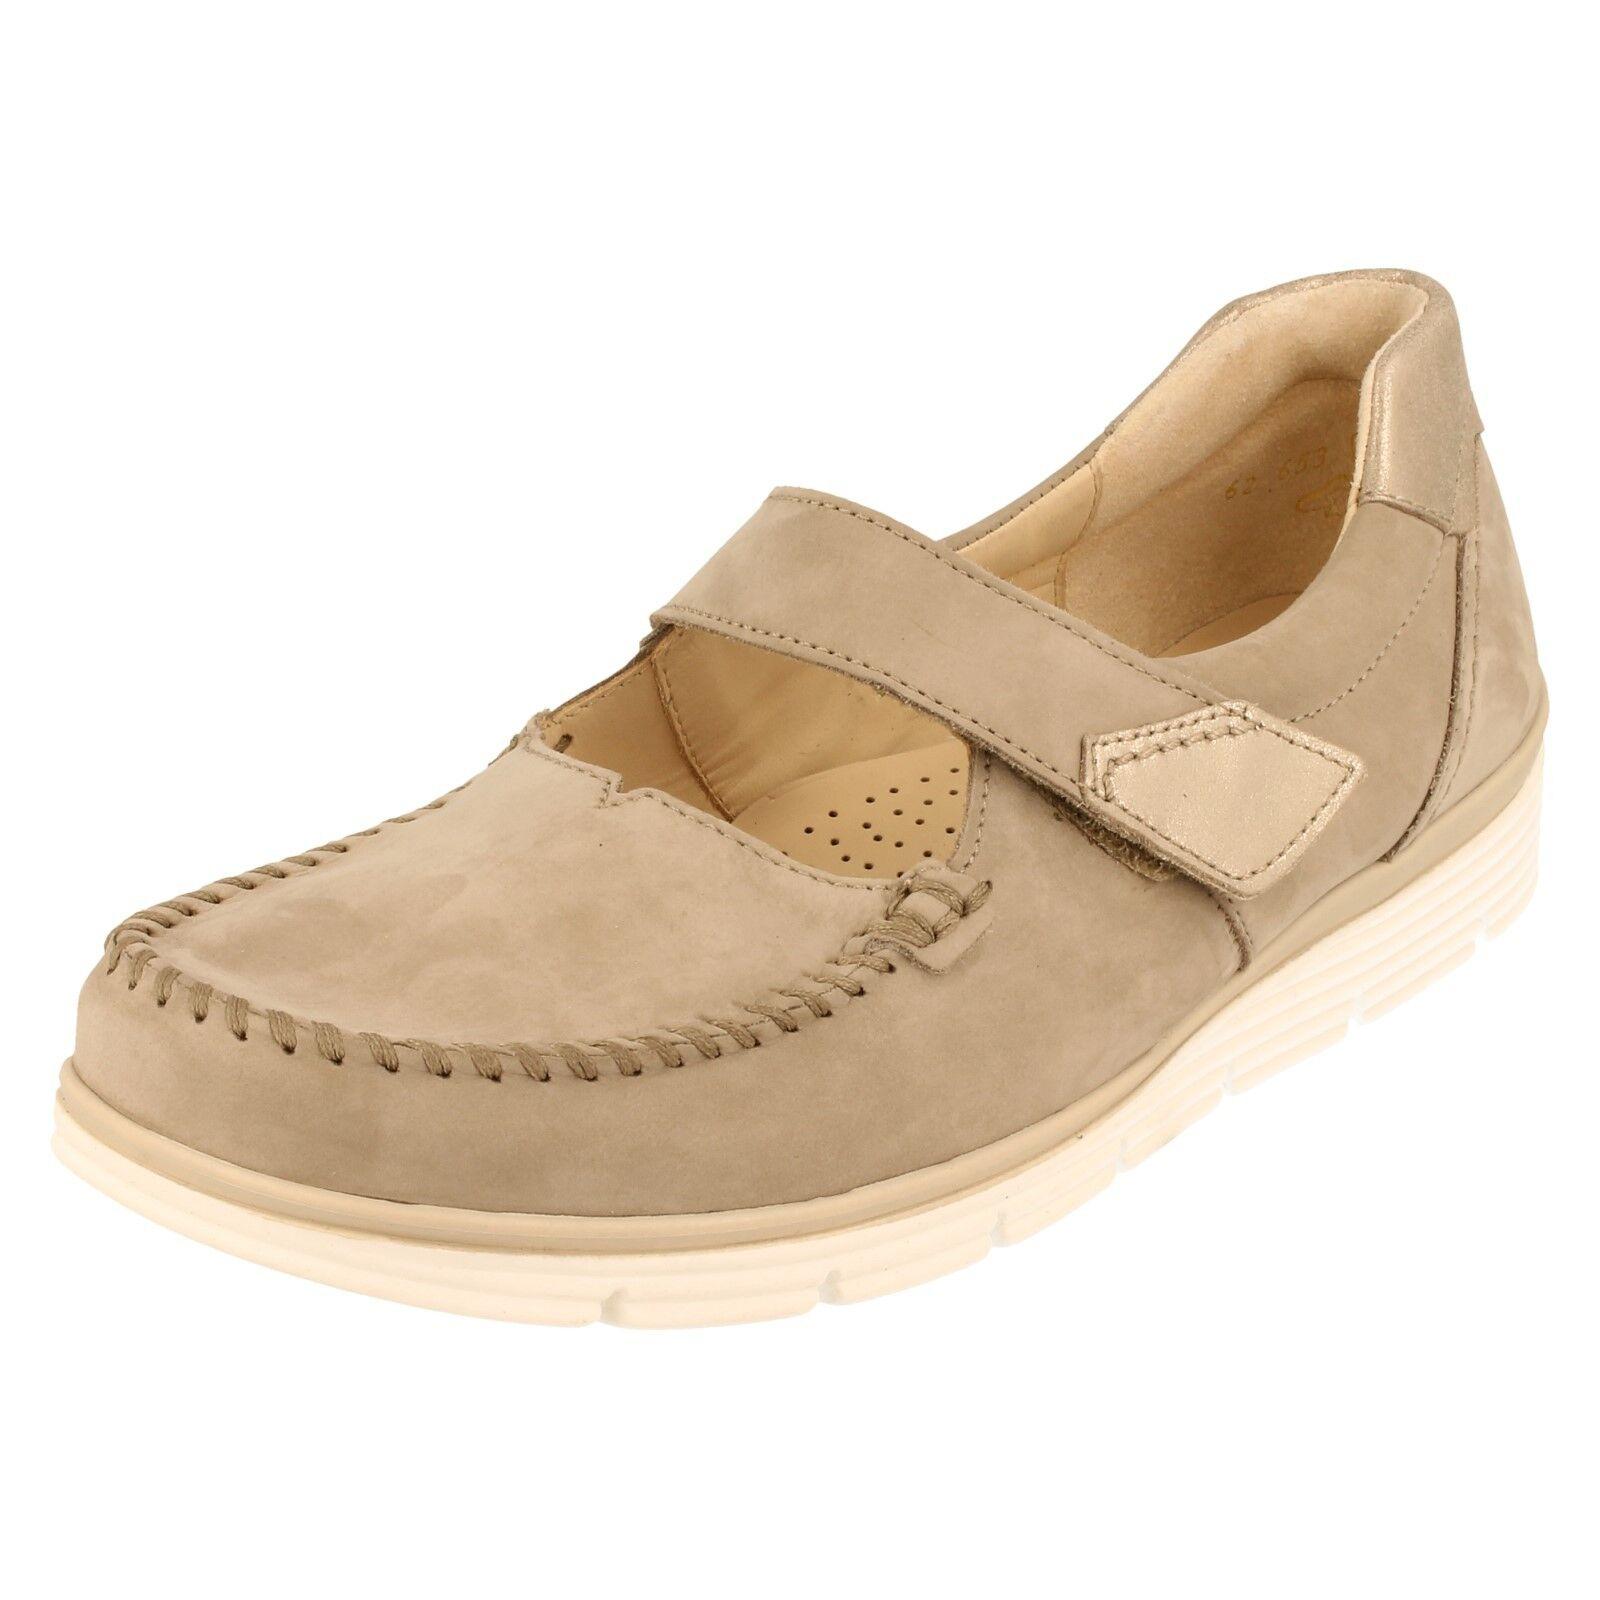 Señoras Gabor Informal Informal Informal Zapatos - 62.653  punto de venta barato